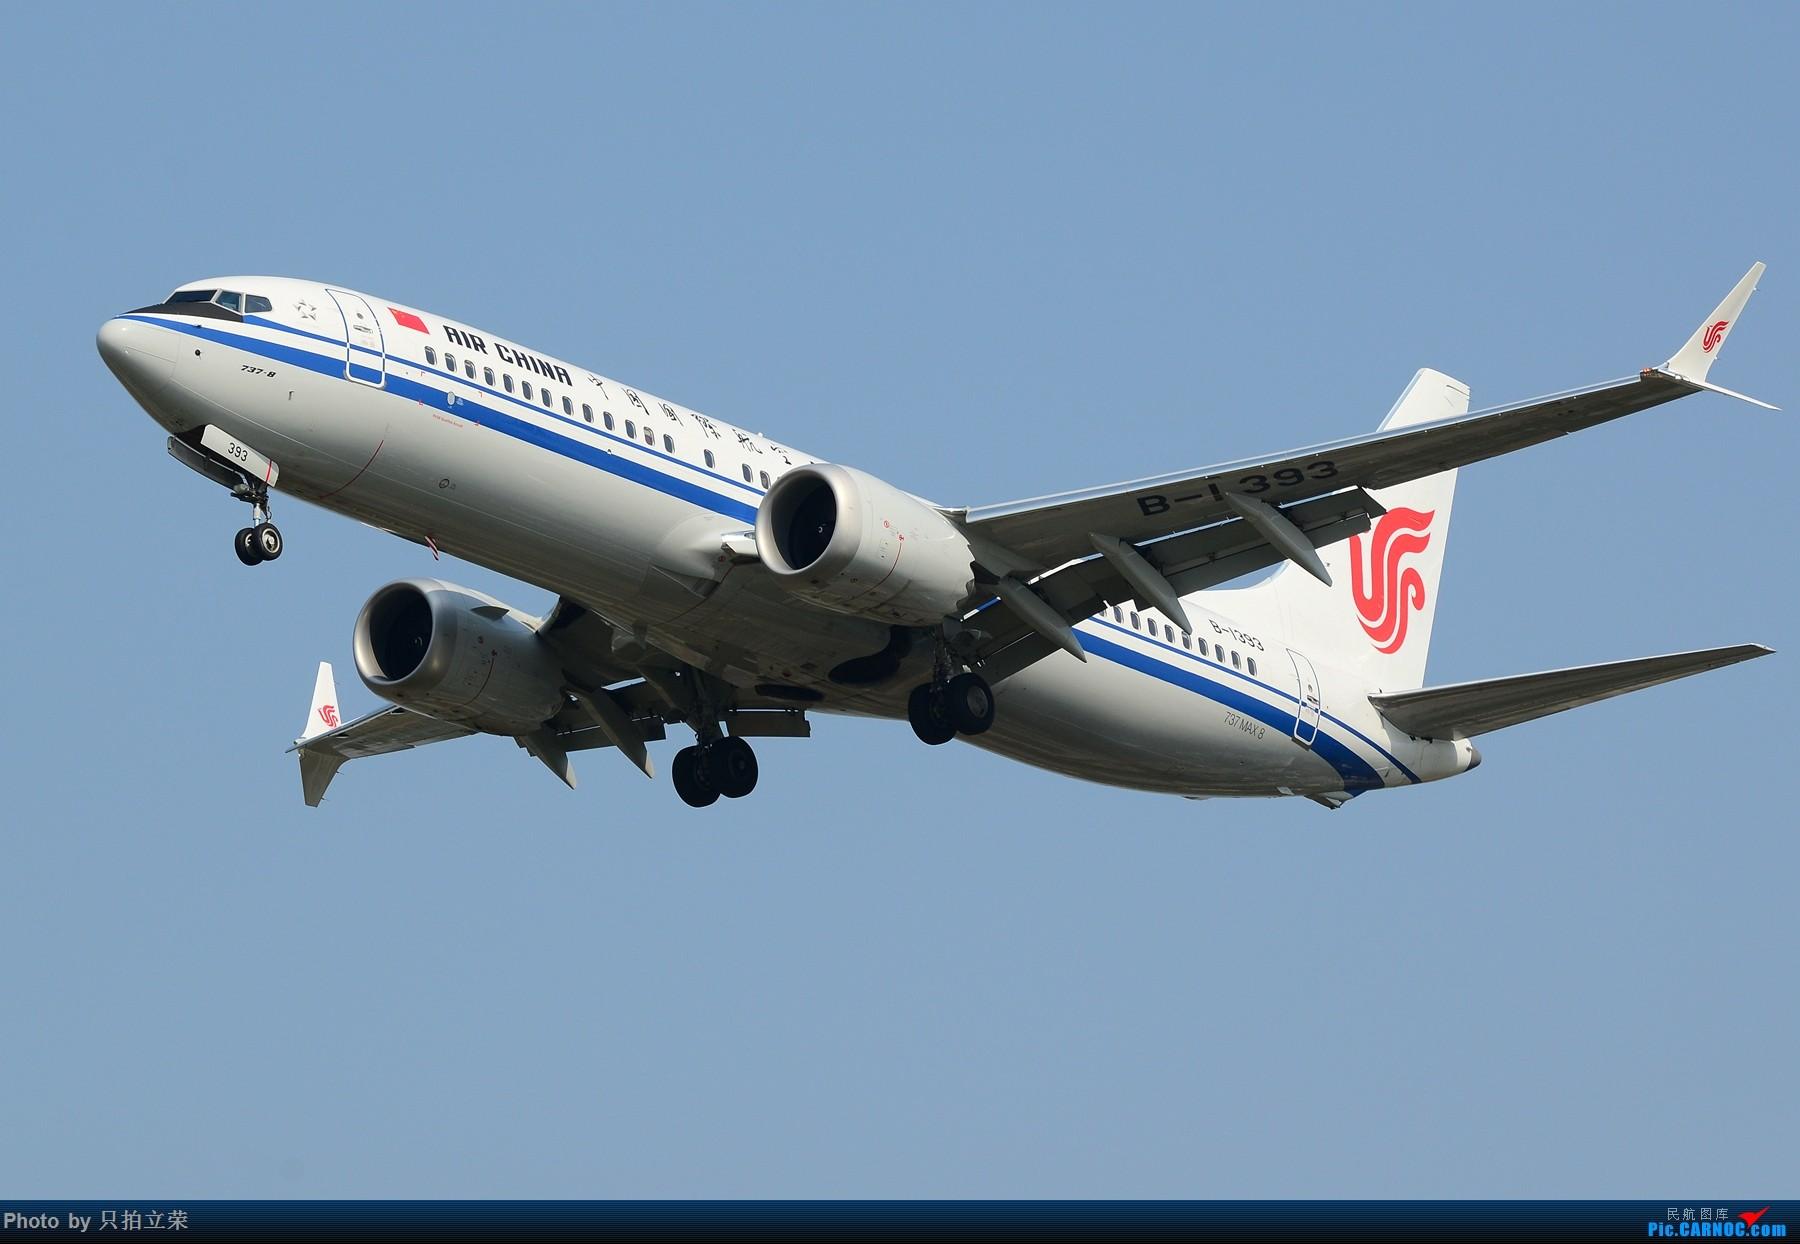 Re:湖南飞友会:黄花机场首拍飞行的青岛航空,另外好天气不可辜负多送几张好飞机 BOEING 737MAX-8 B-1393 中国长沙黄花国际机场